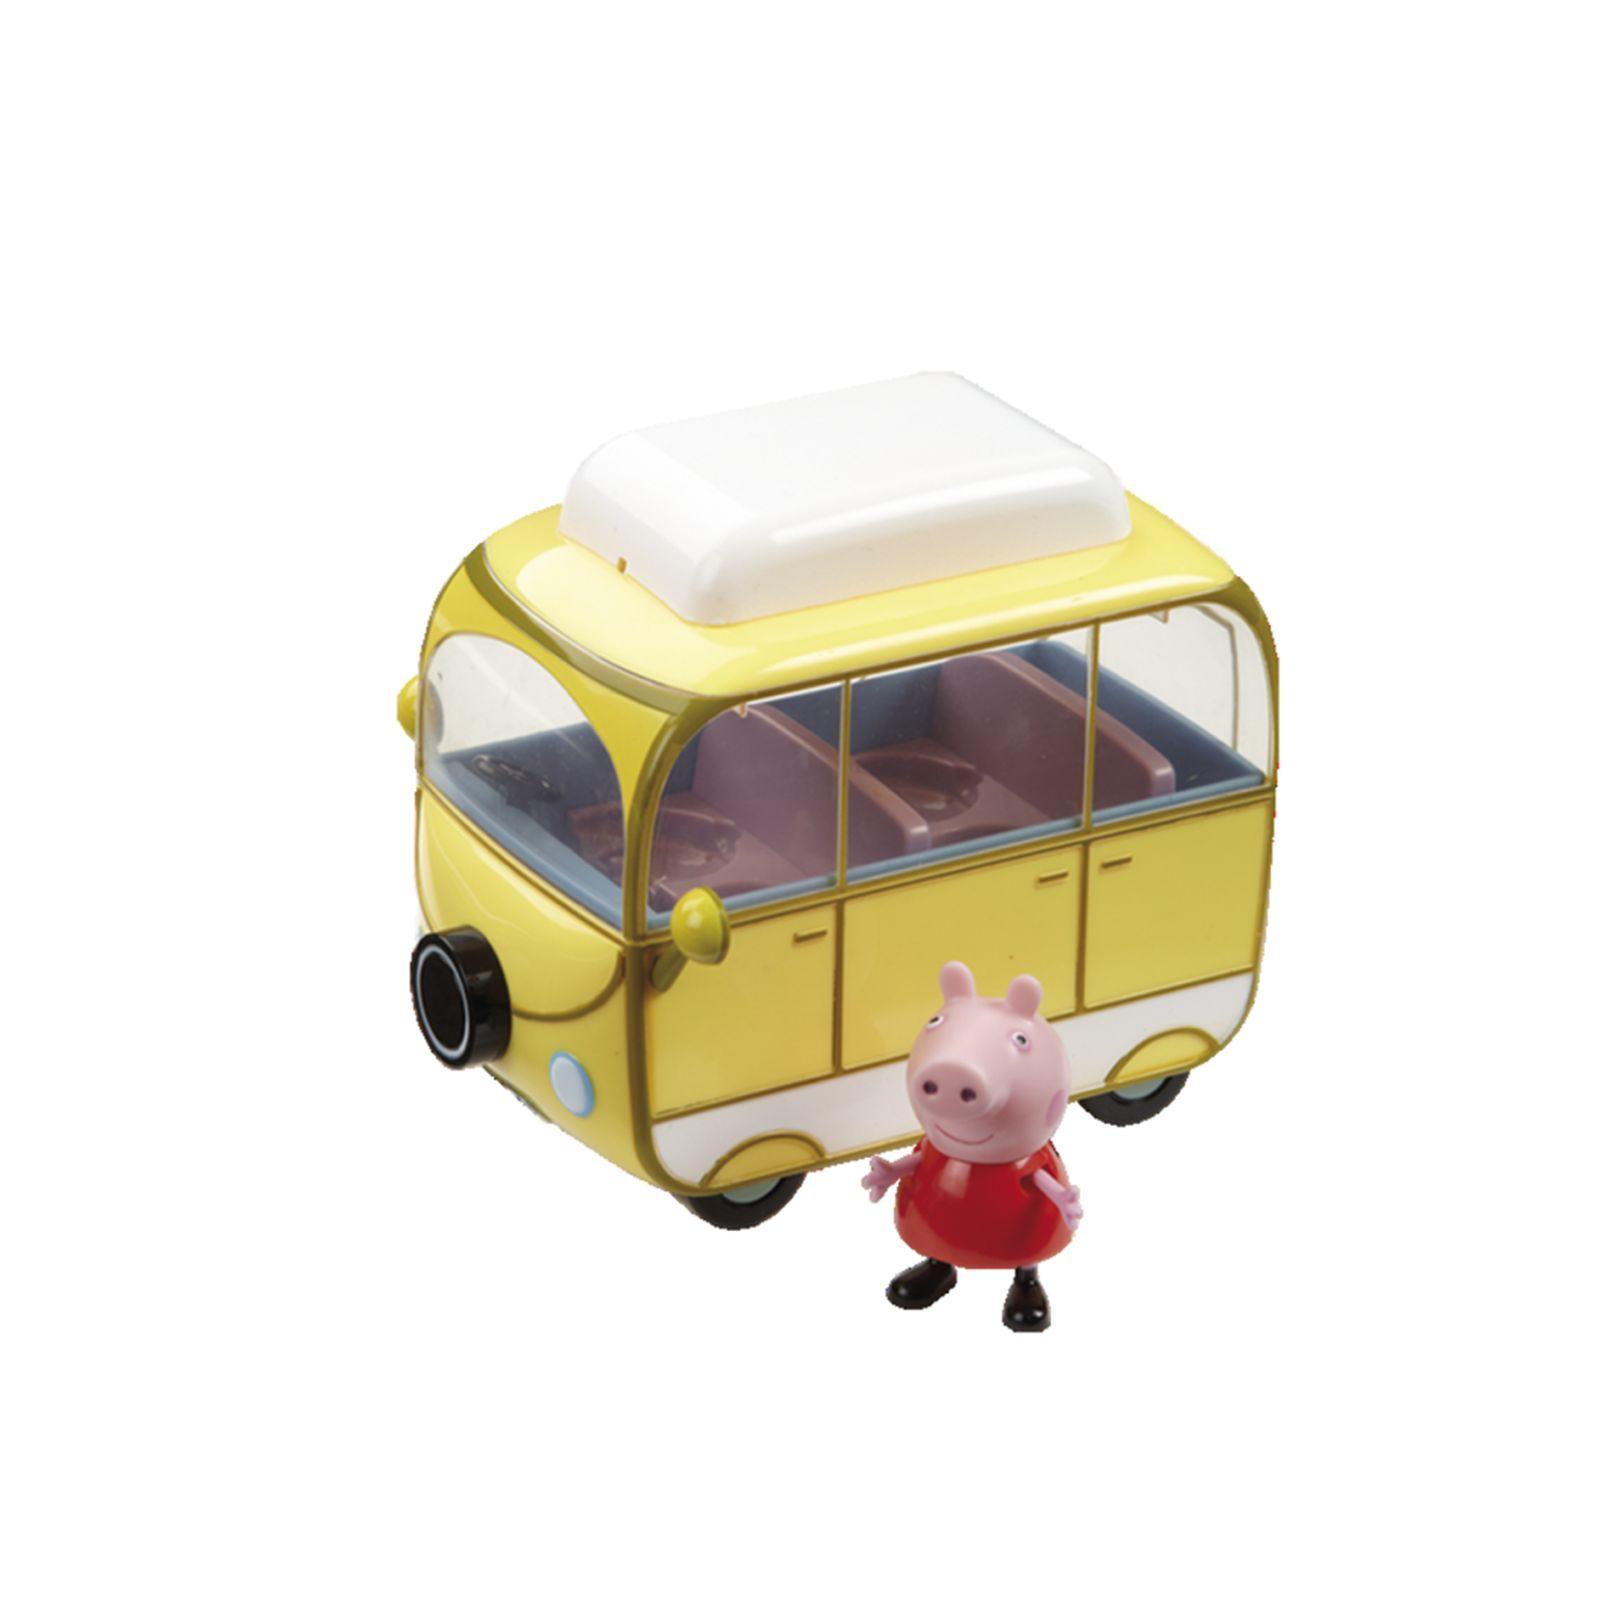 Peppa veicoli camper serie 4 - PEPPAPIG